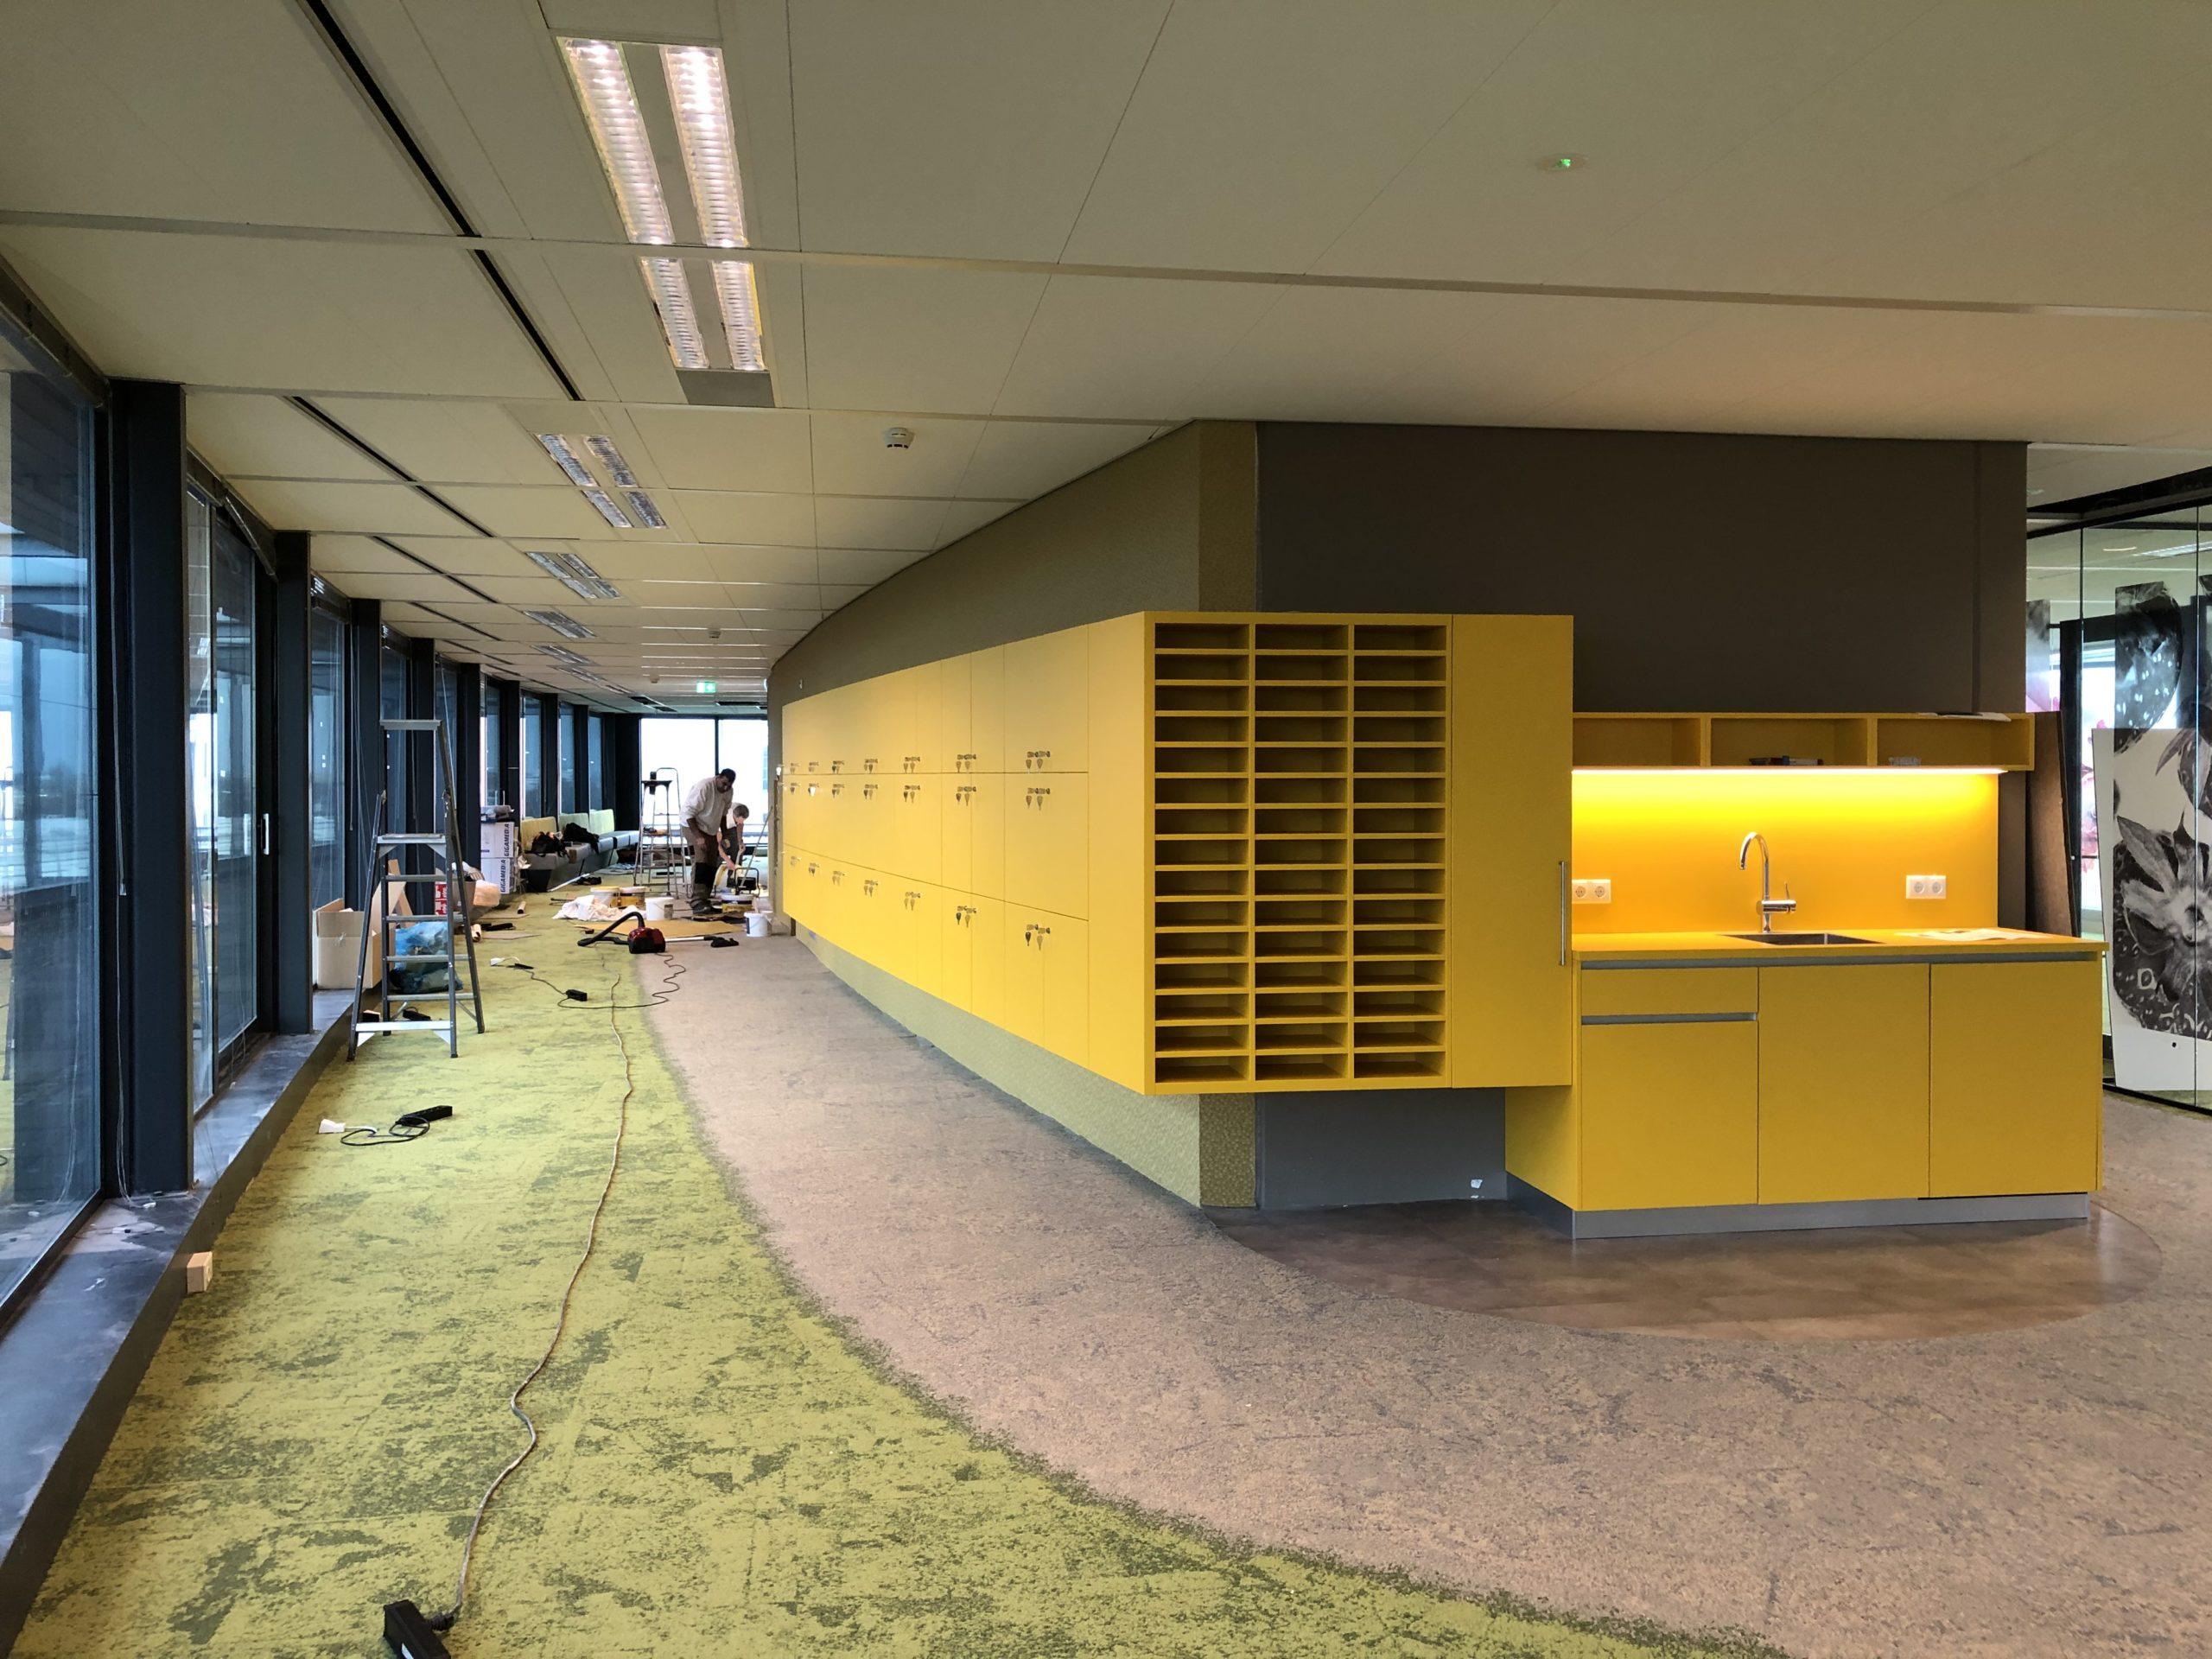 kantoorverbouwing maatwerkmeubilair pantry-postvakken-locker kast